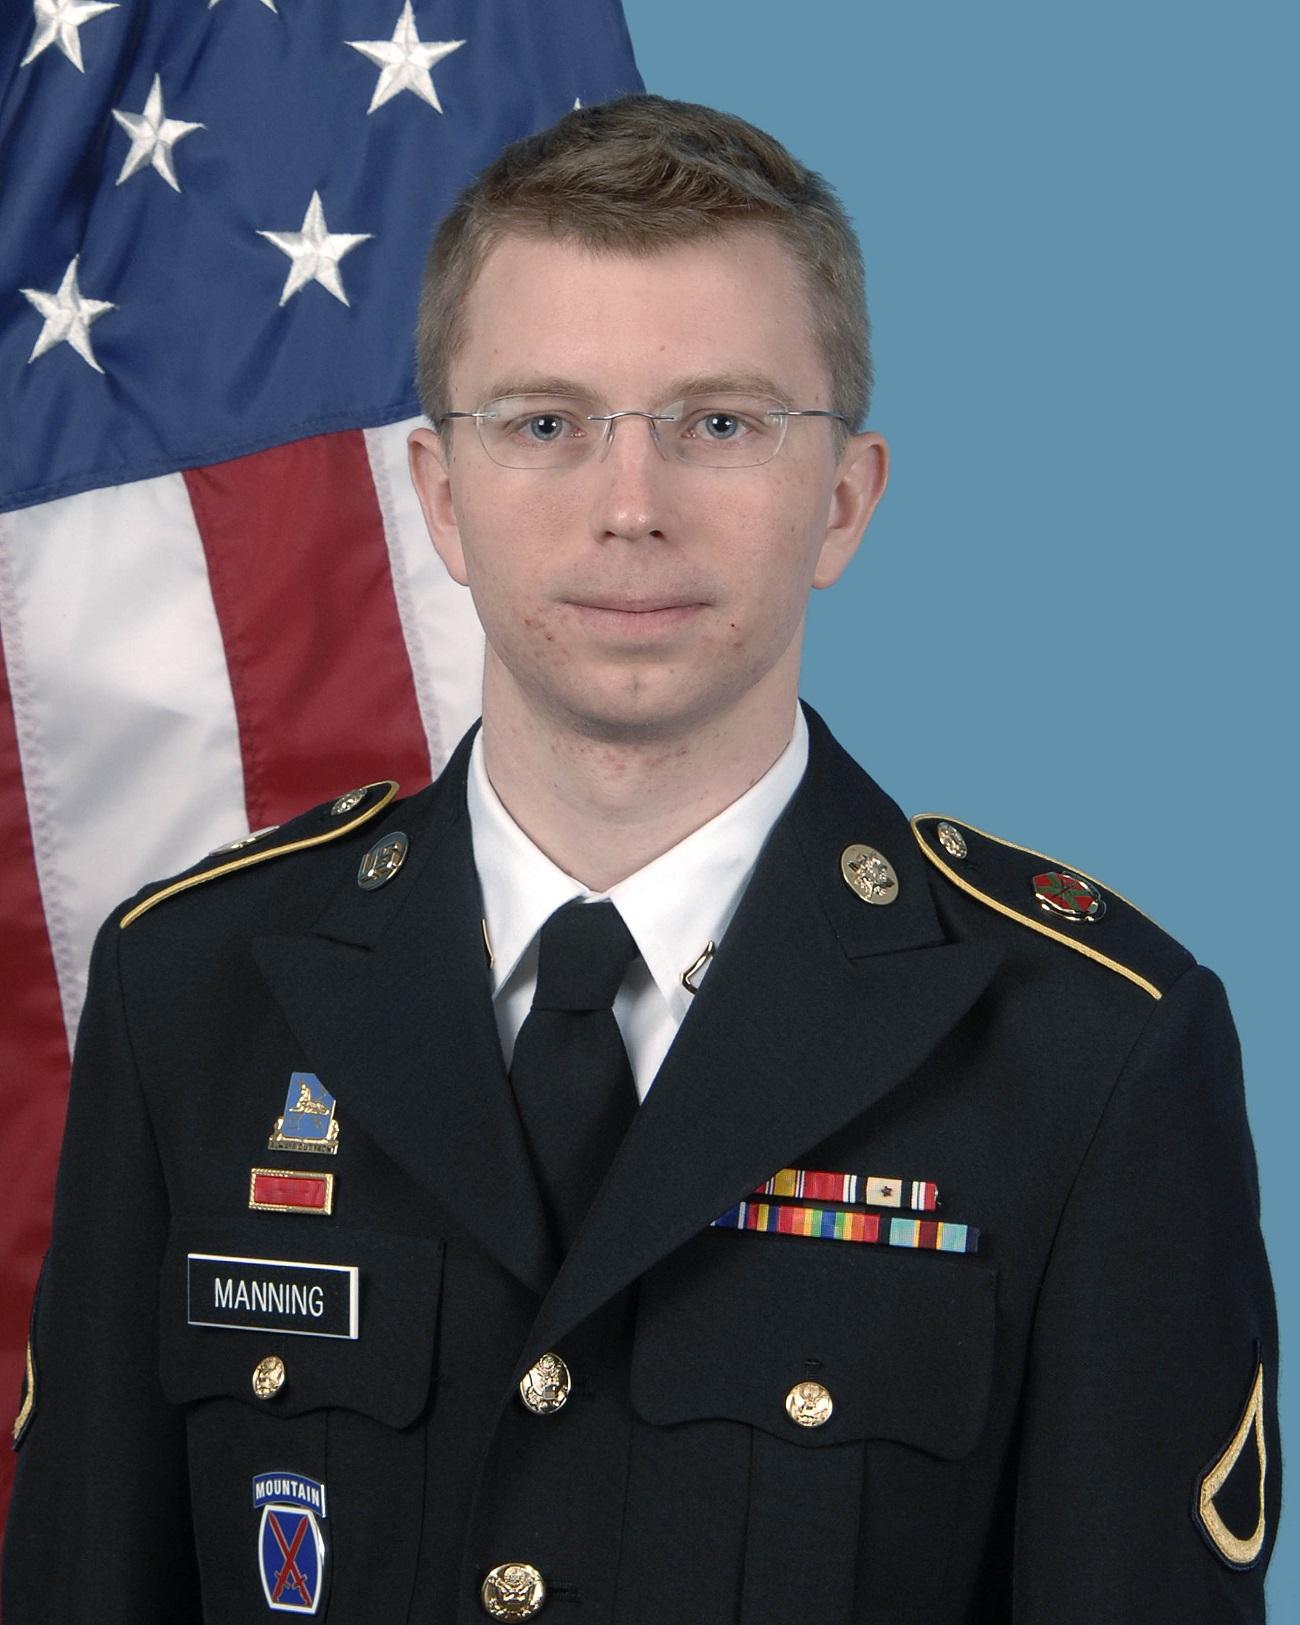 Chelsea Manning, ko je bila še Bradley Manning na fotografiji ameriške vojske.